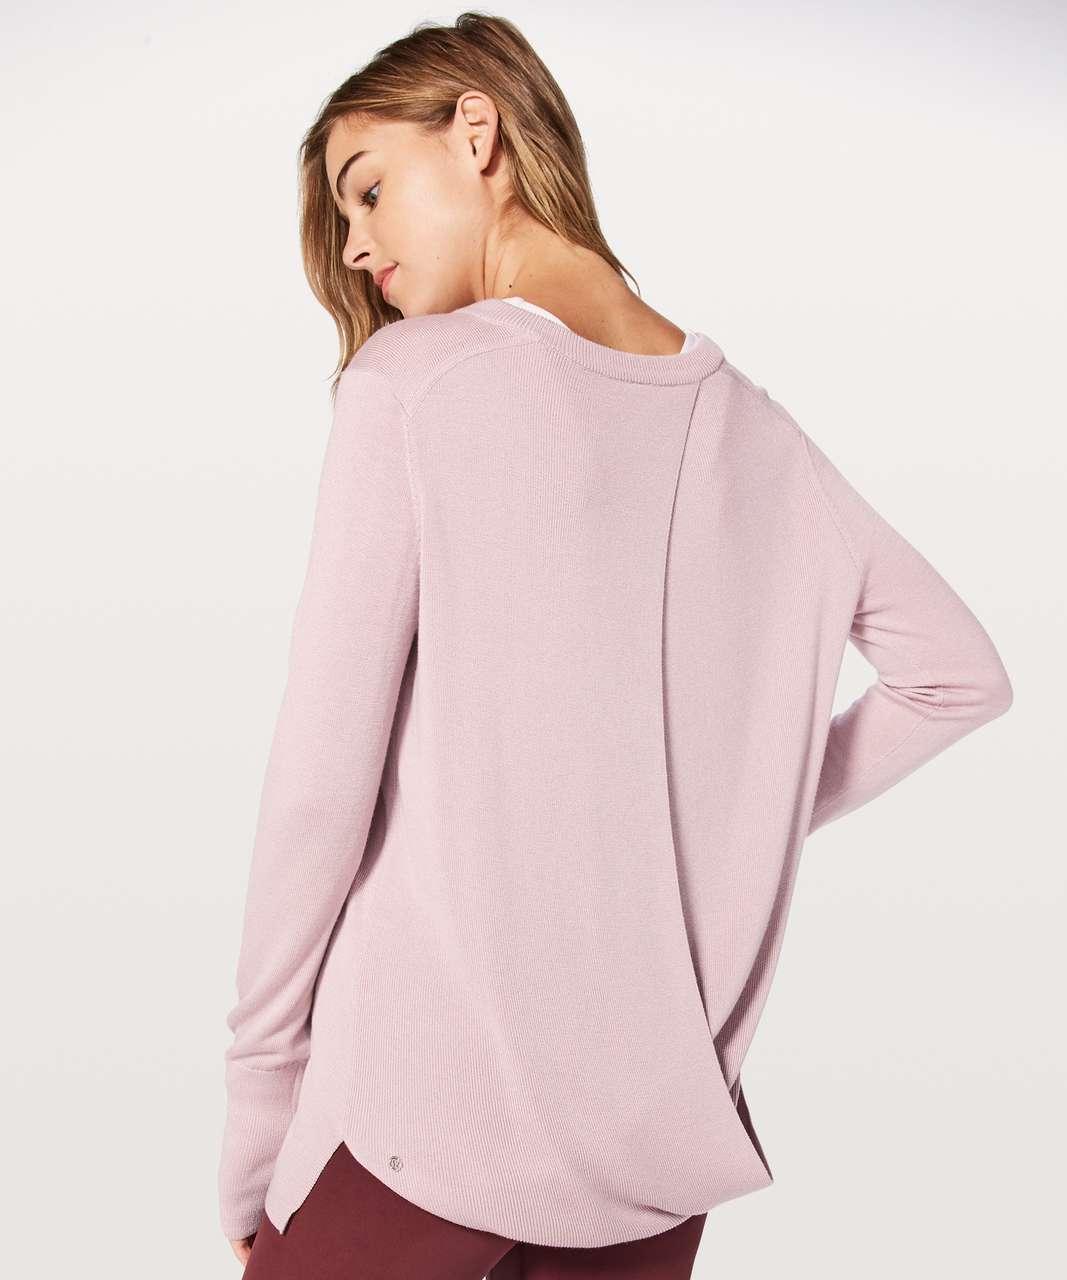 Lululemon Bring It Backbend Sweater - Porcelain Pink